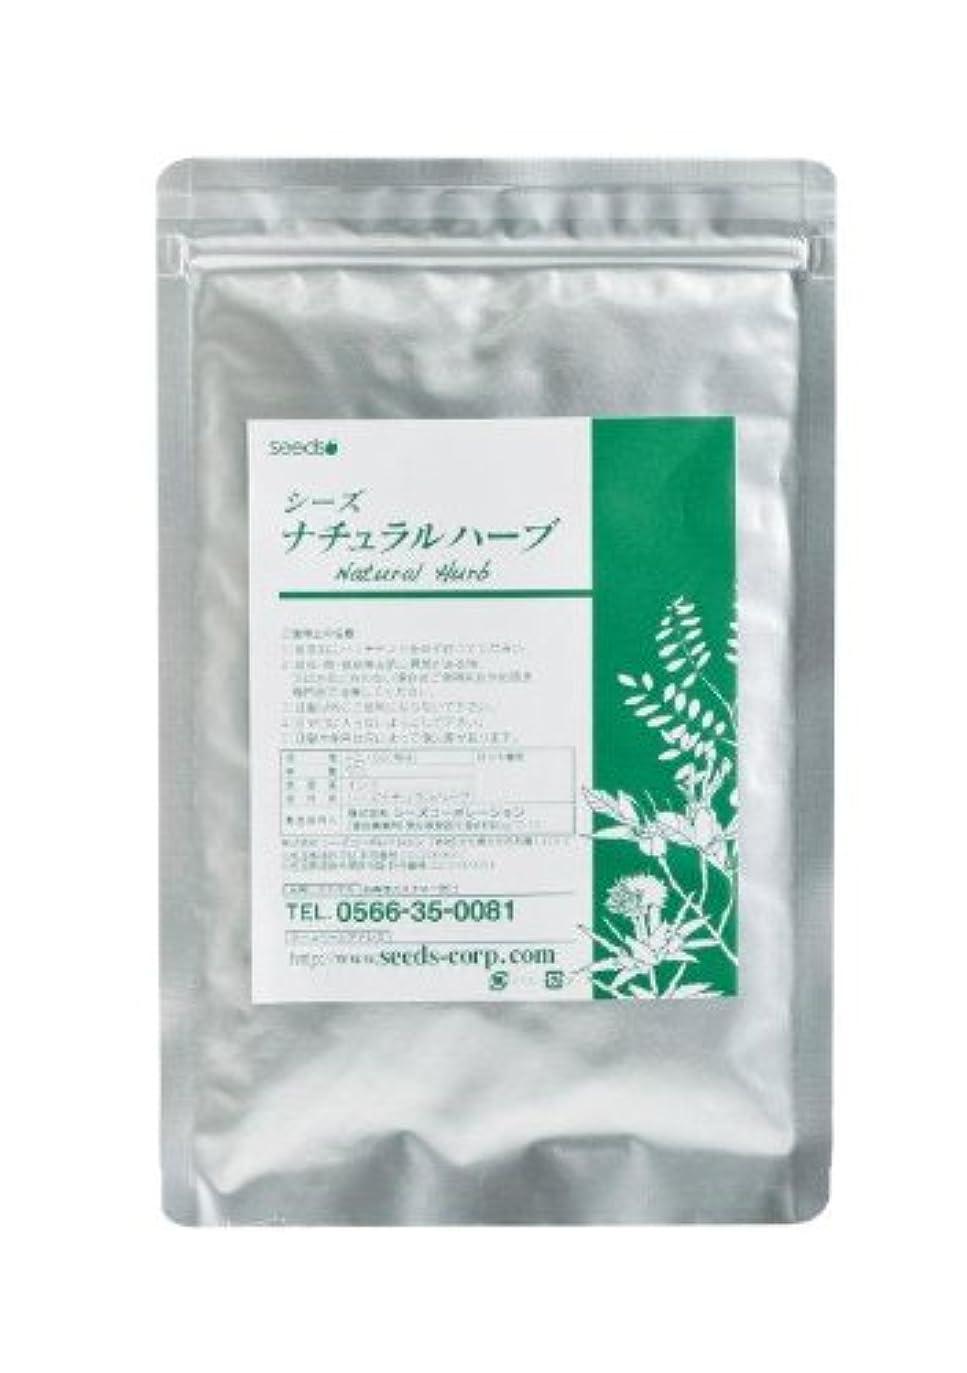 テクニカルバラバラにする多用途Seeds ナチュラルハーブカラー  マホガニー 50g(紅褐色系)ヘナと5種類の高級ハーブをブレンドした白髪染めです。